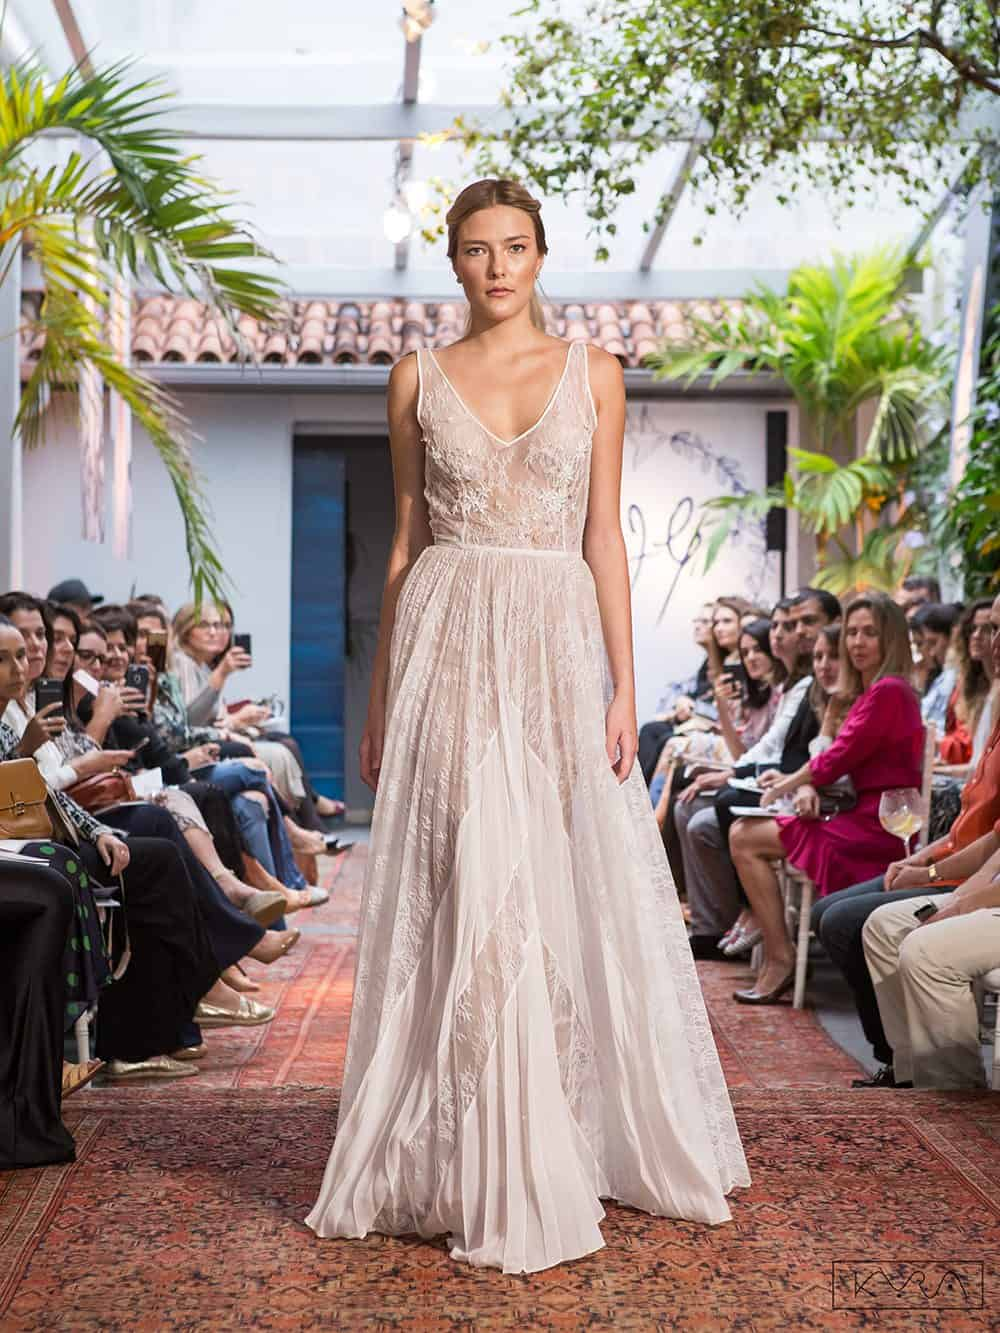 desfile-vestido-de-noiva-entardecer-julia-golldenzon-foto-kyra-mirsky-92